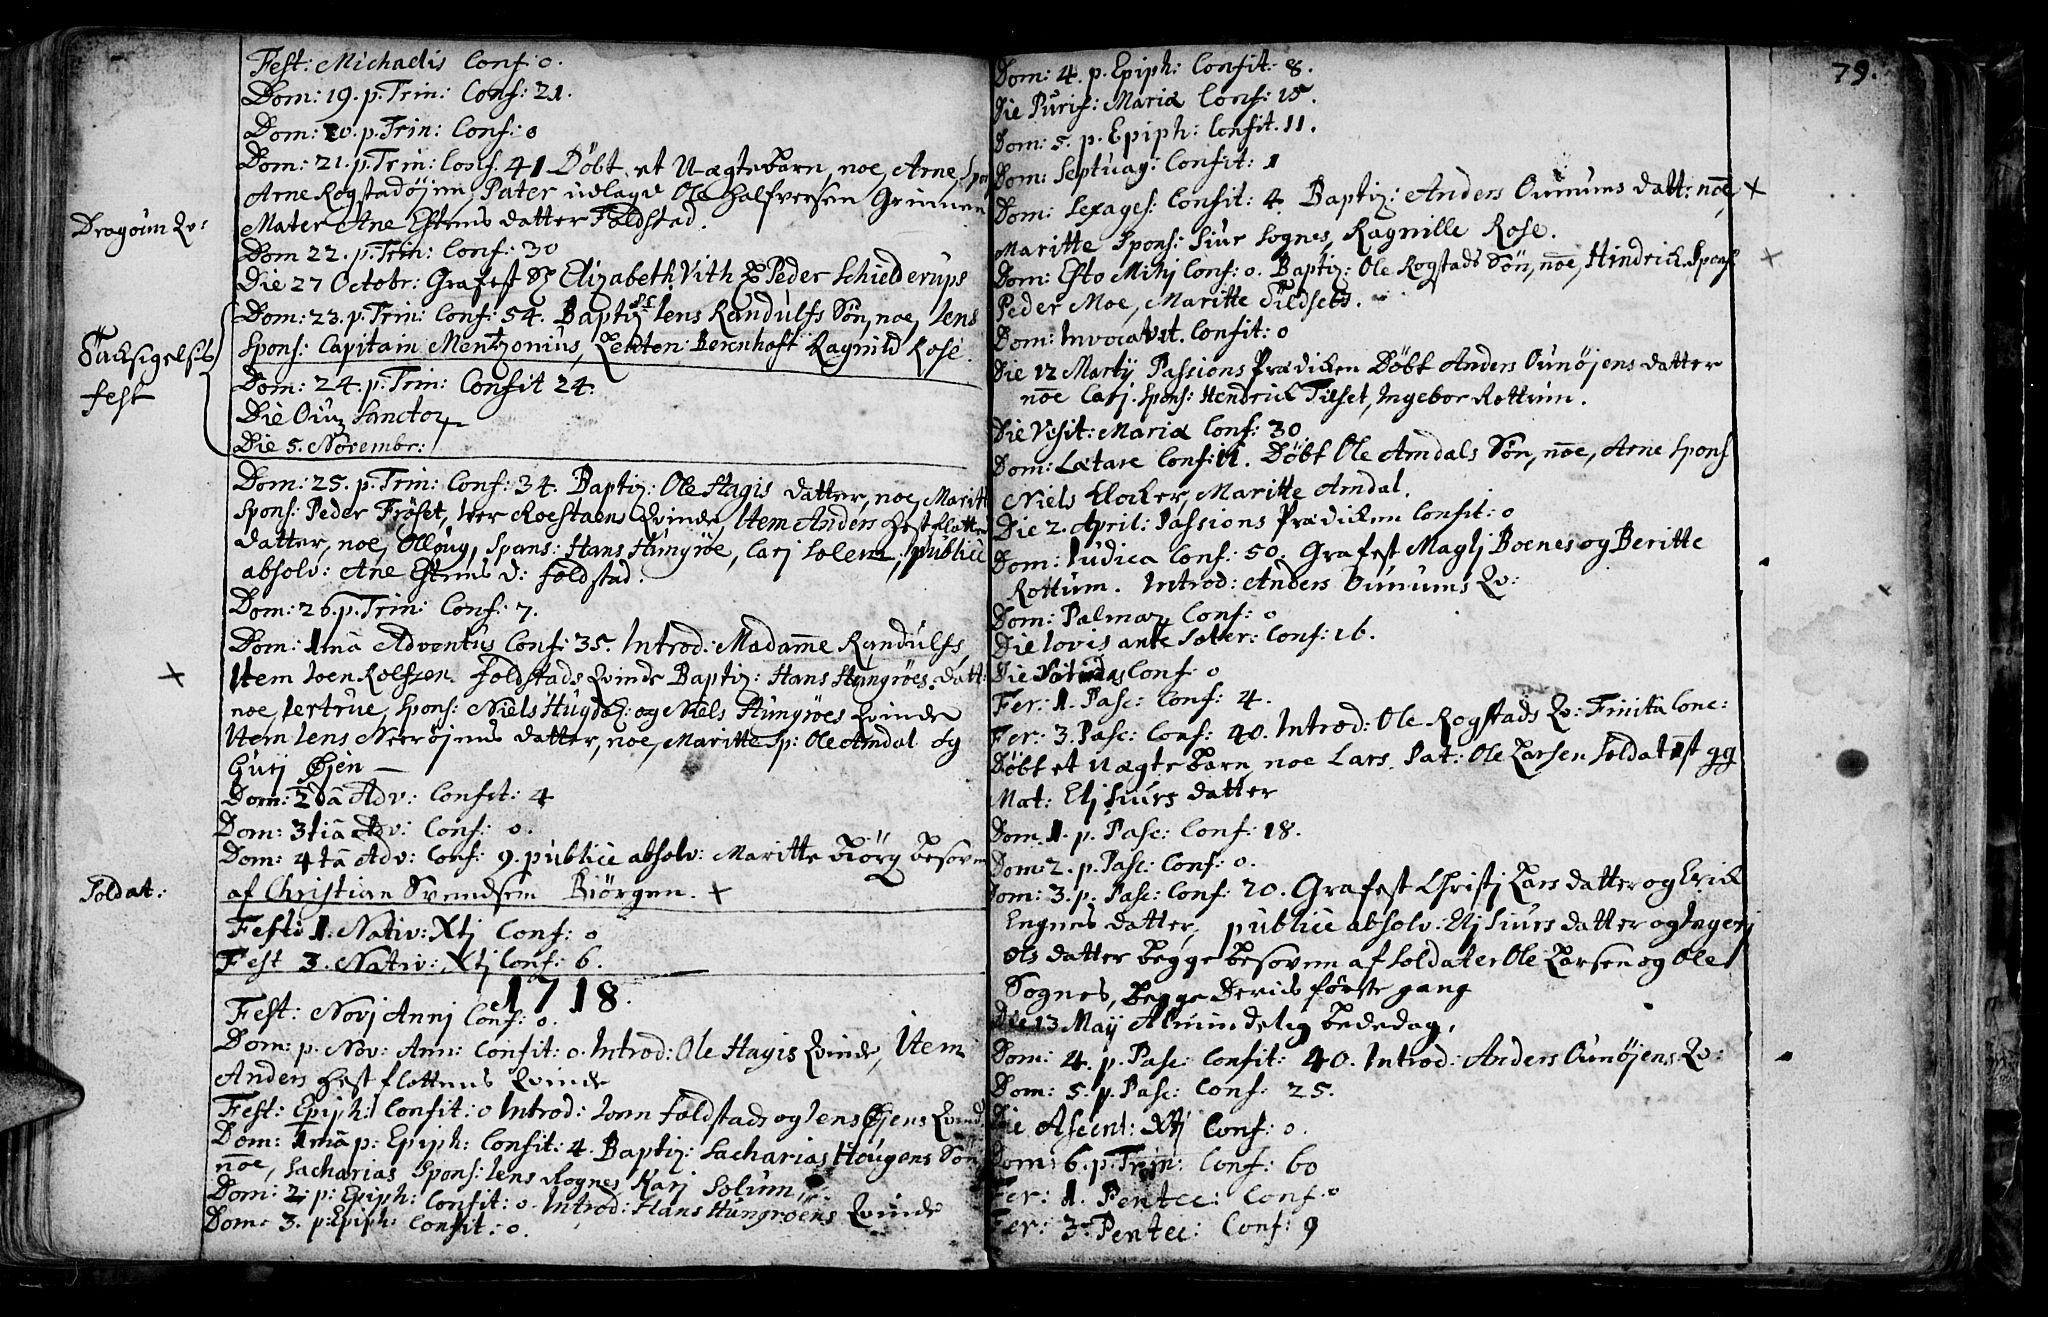 SAT, Ministerialprotokoller, klokkerbøker og fødselsregistre - Sør-Trøndelag, 687/L0990: Ministerialbok nr. 687A01, 1690-1746, s. 79